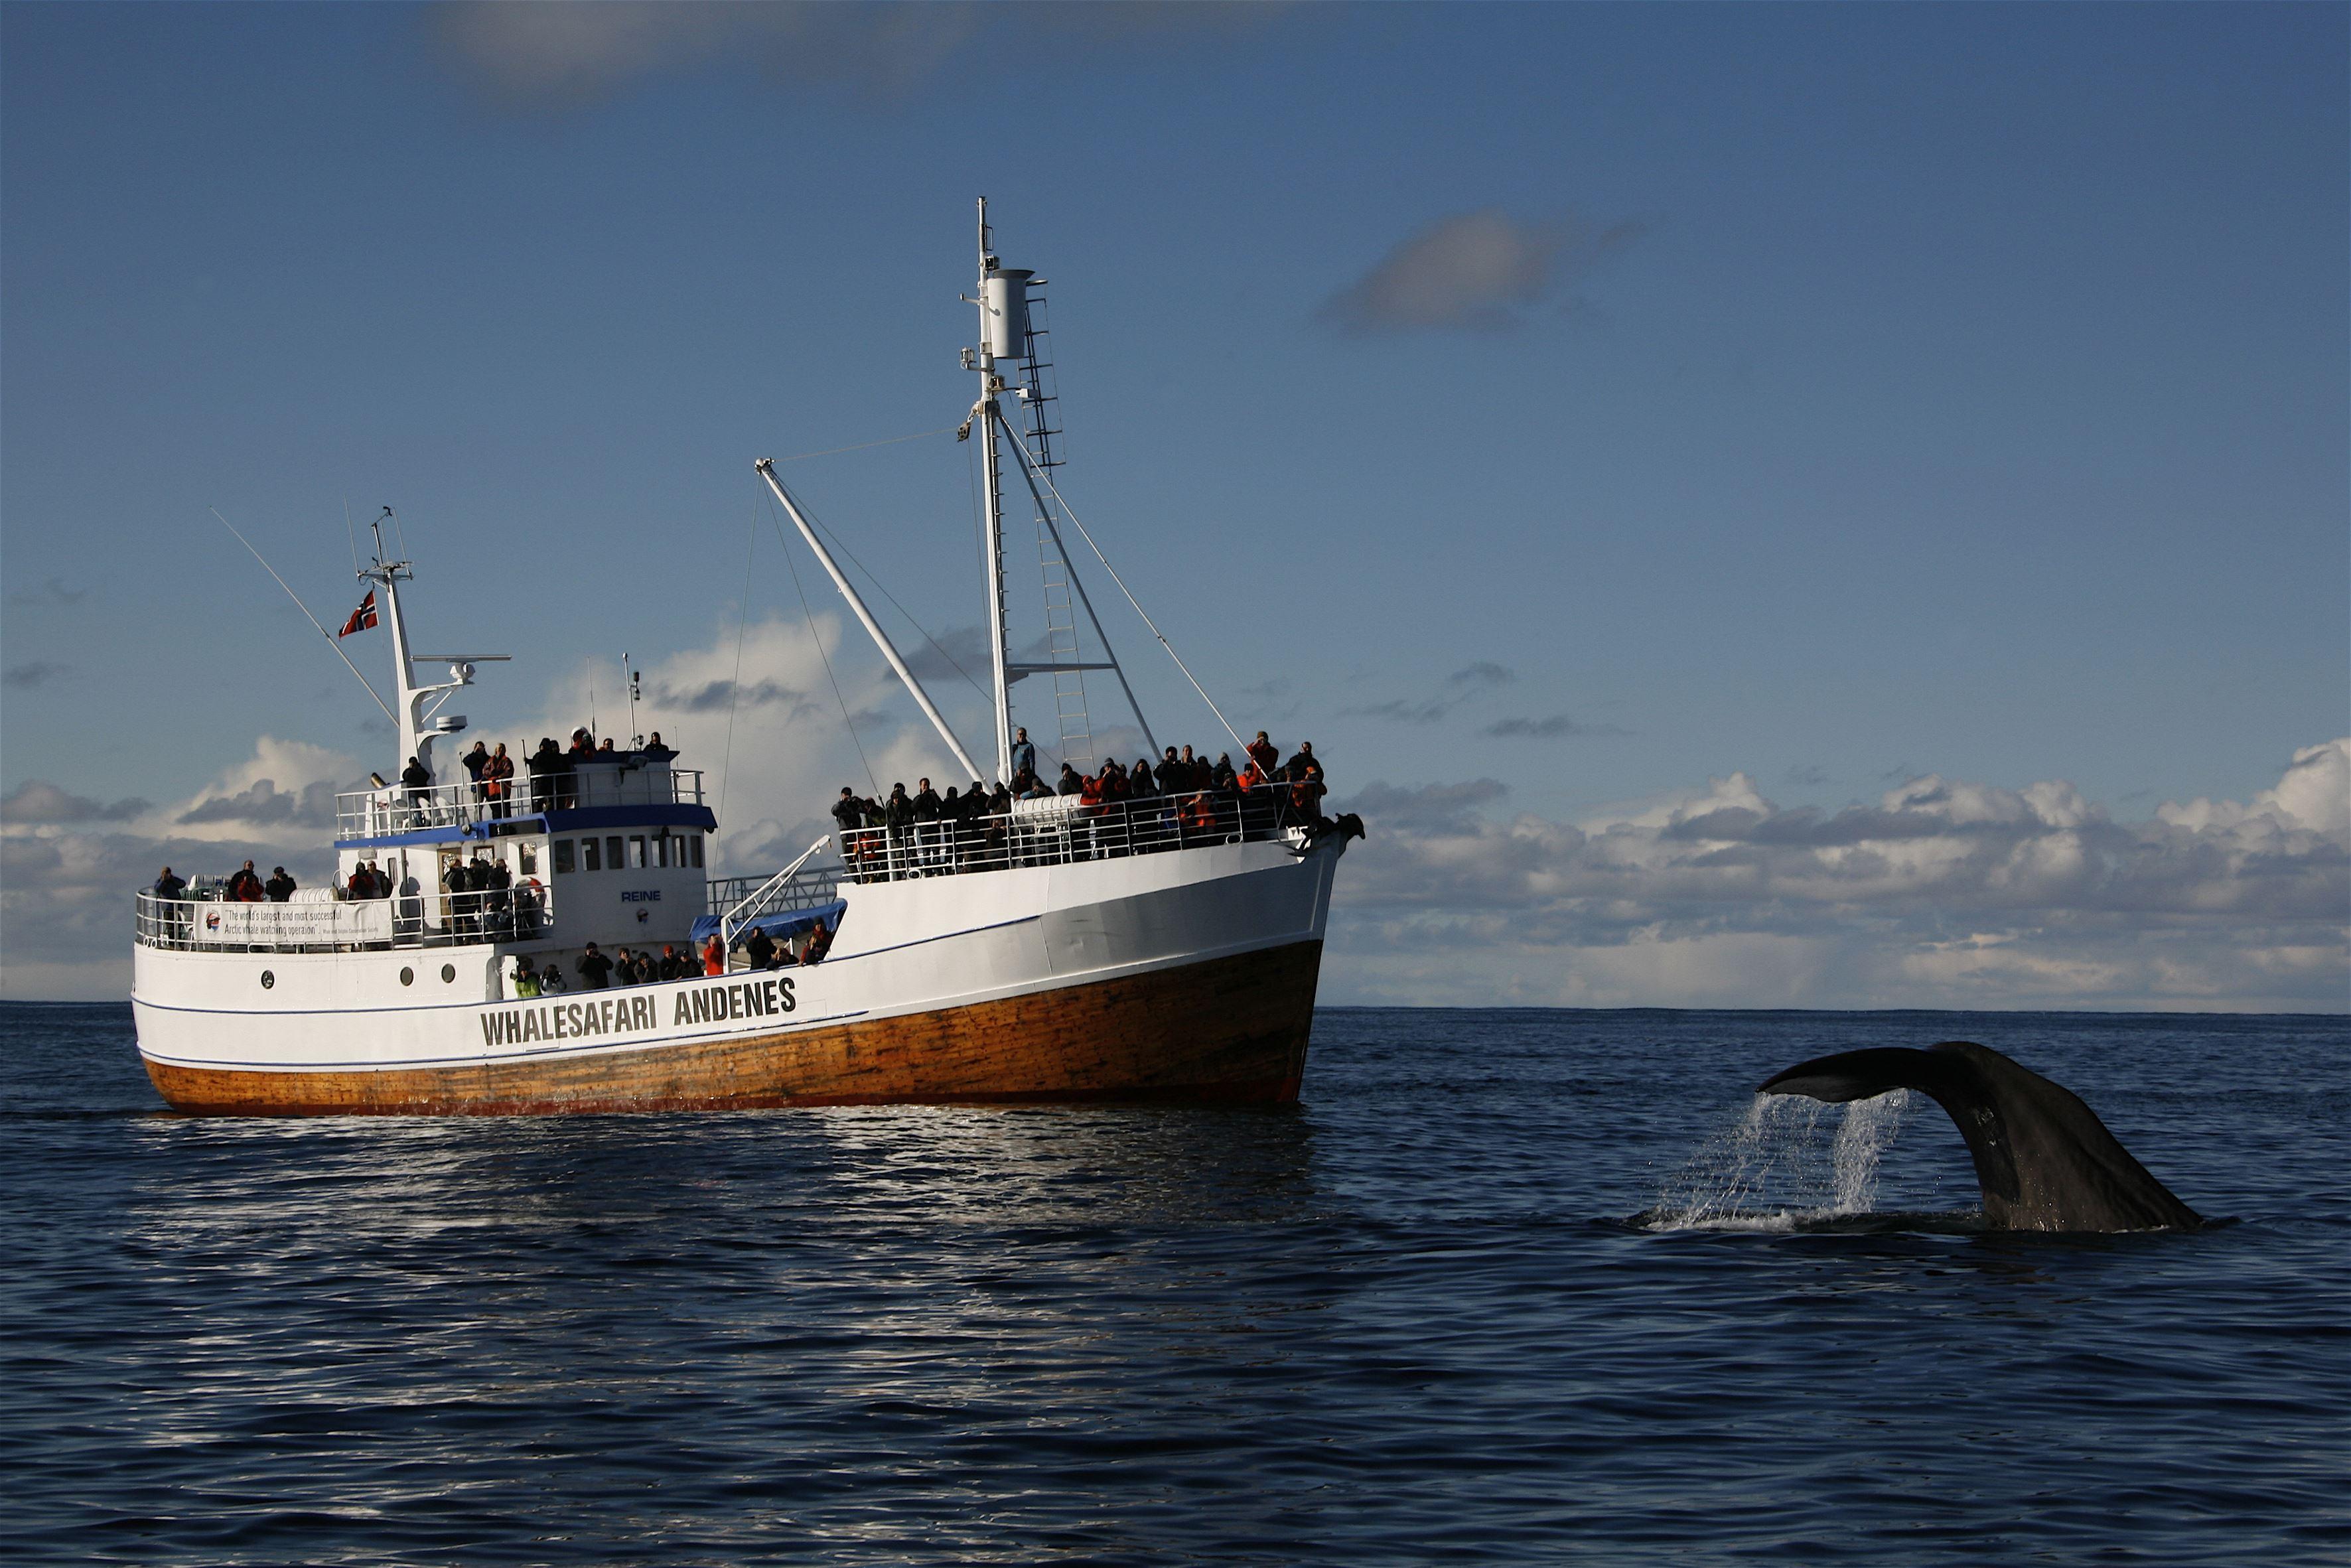 © Hvalsafari AS, Whale Safari Andenes – Hvalsafari AS